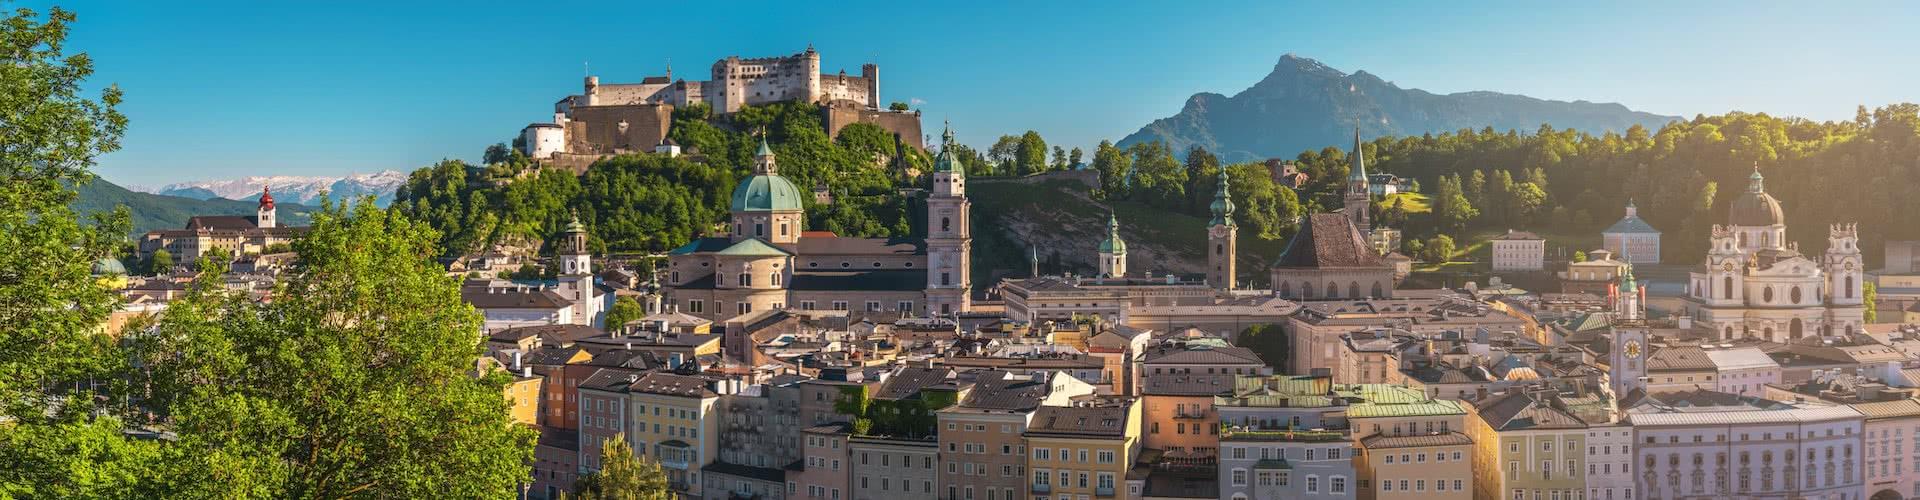 Titelbild von Salzburg